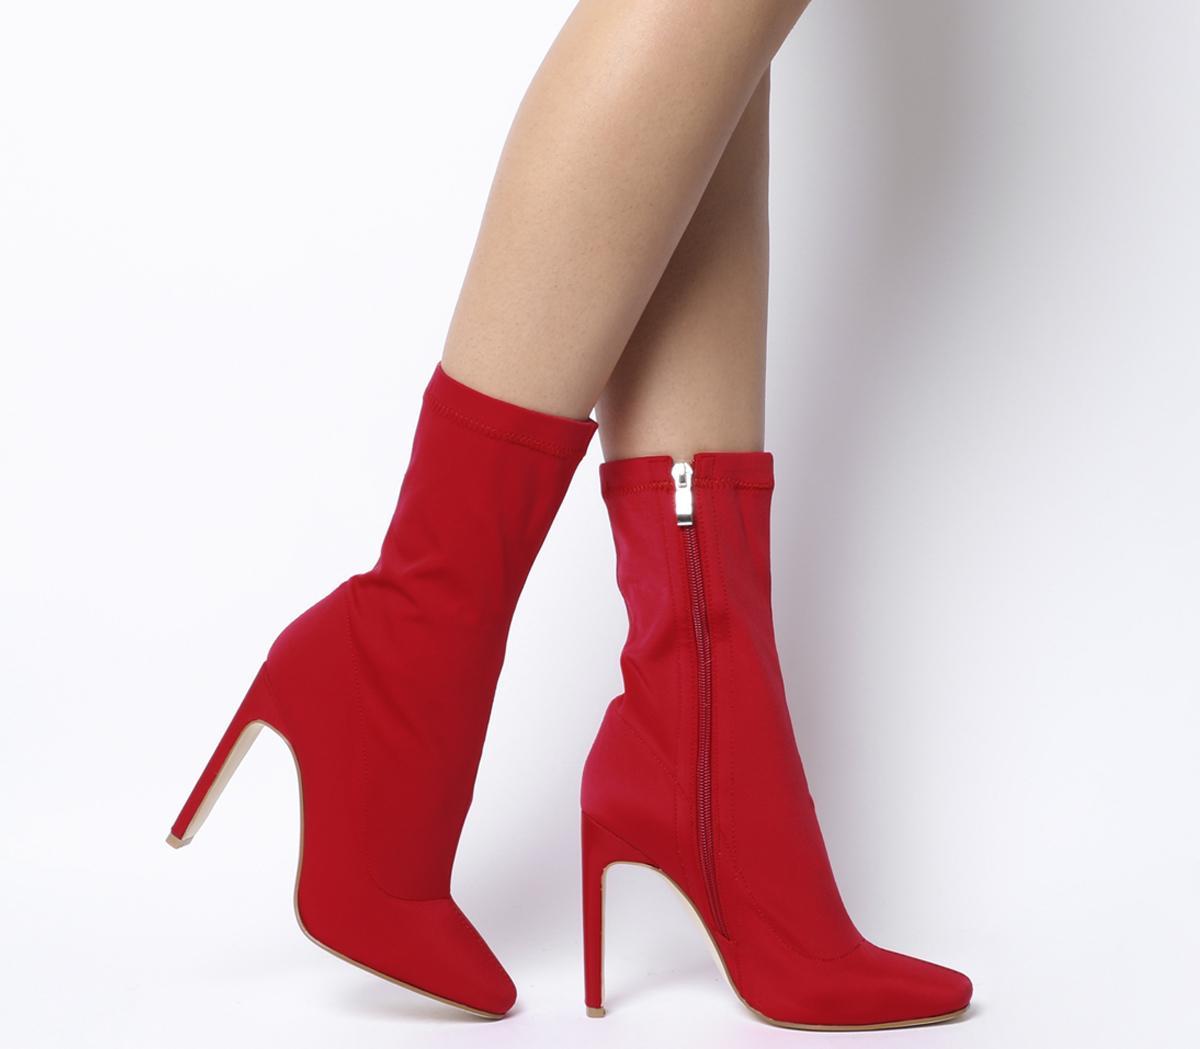 Cassia Elastic Heeled Boots